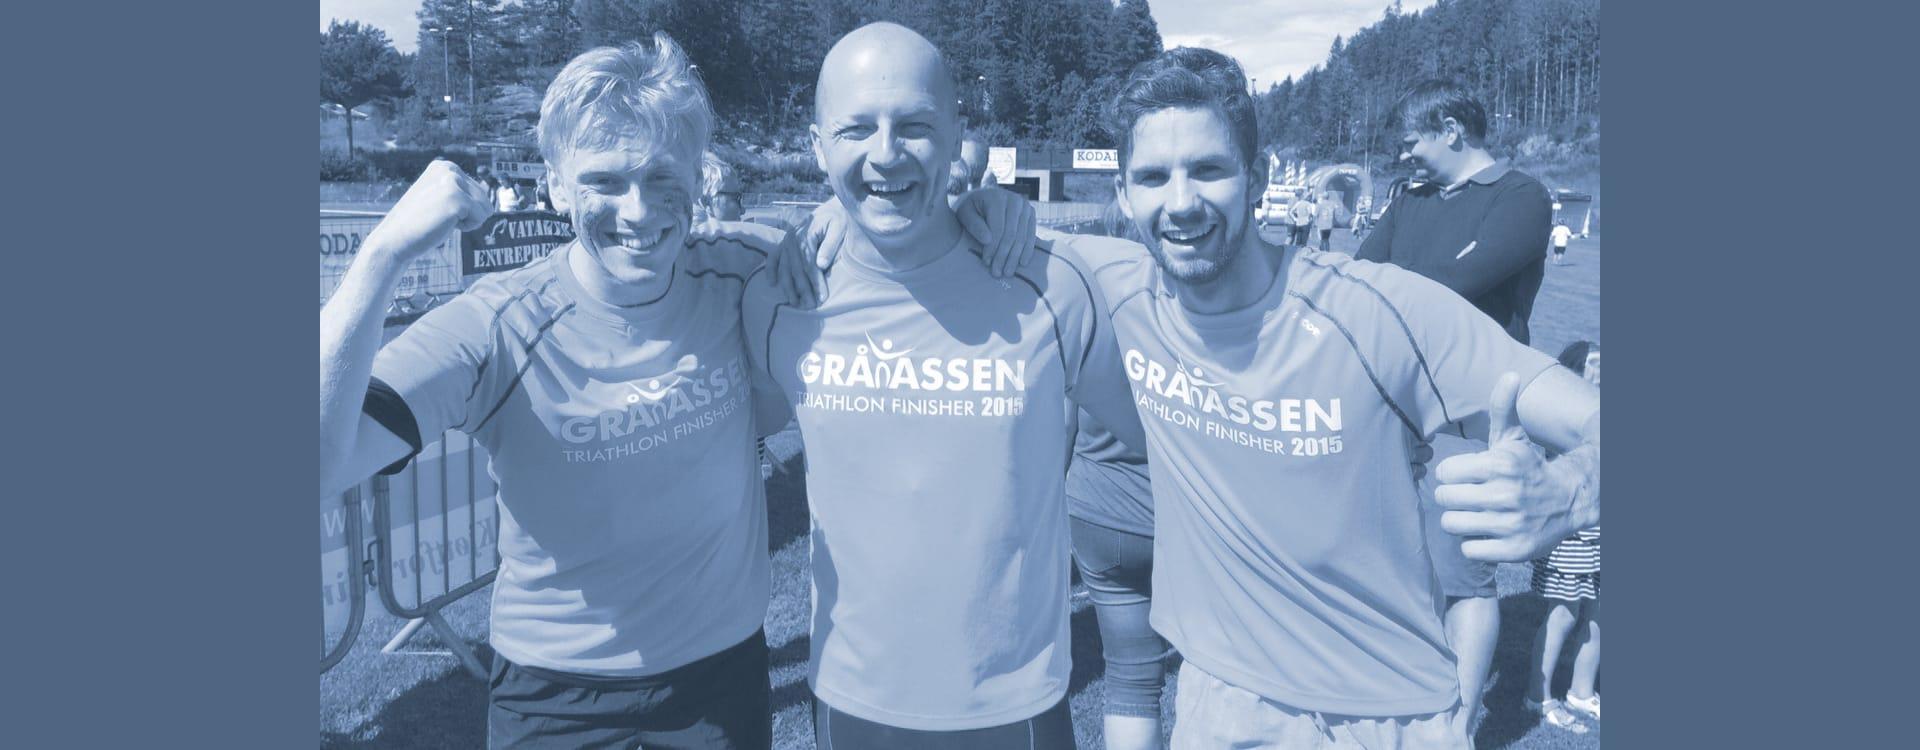 Happy Finishers - Gråtassen